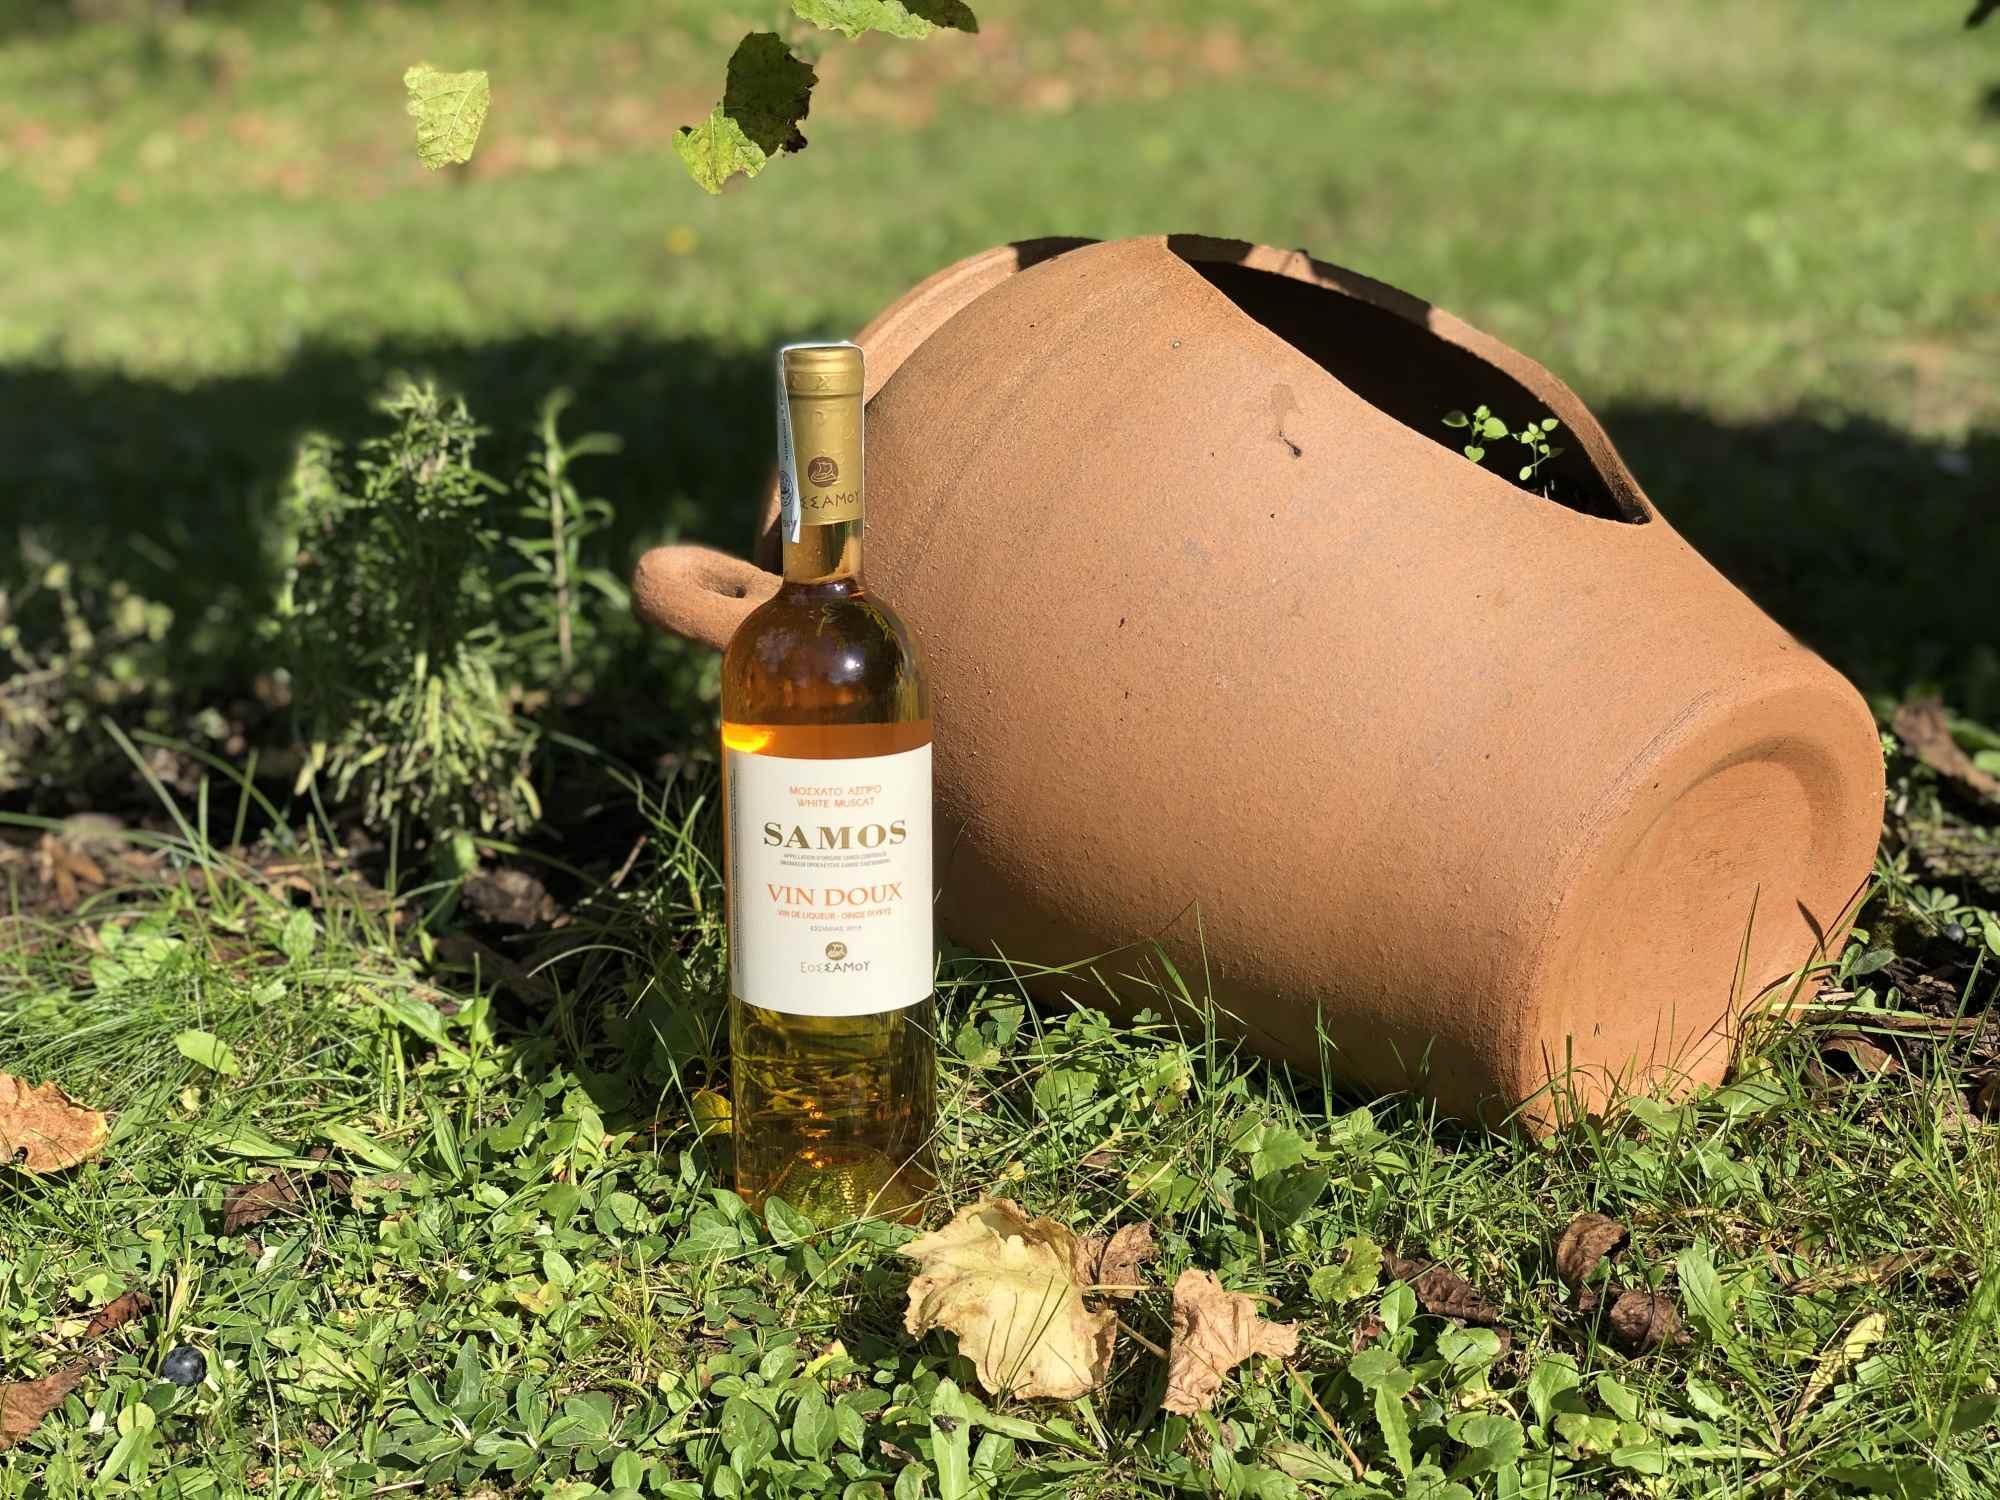 Vin doux merunky